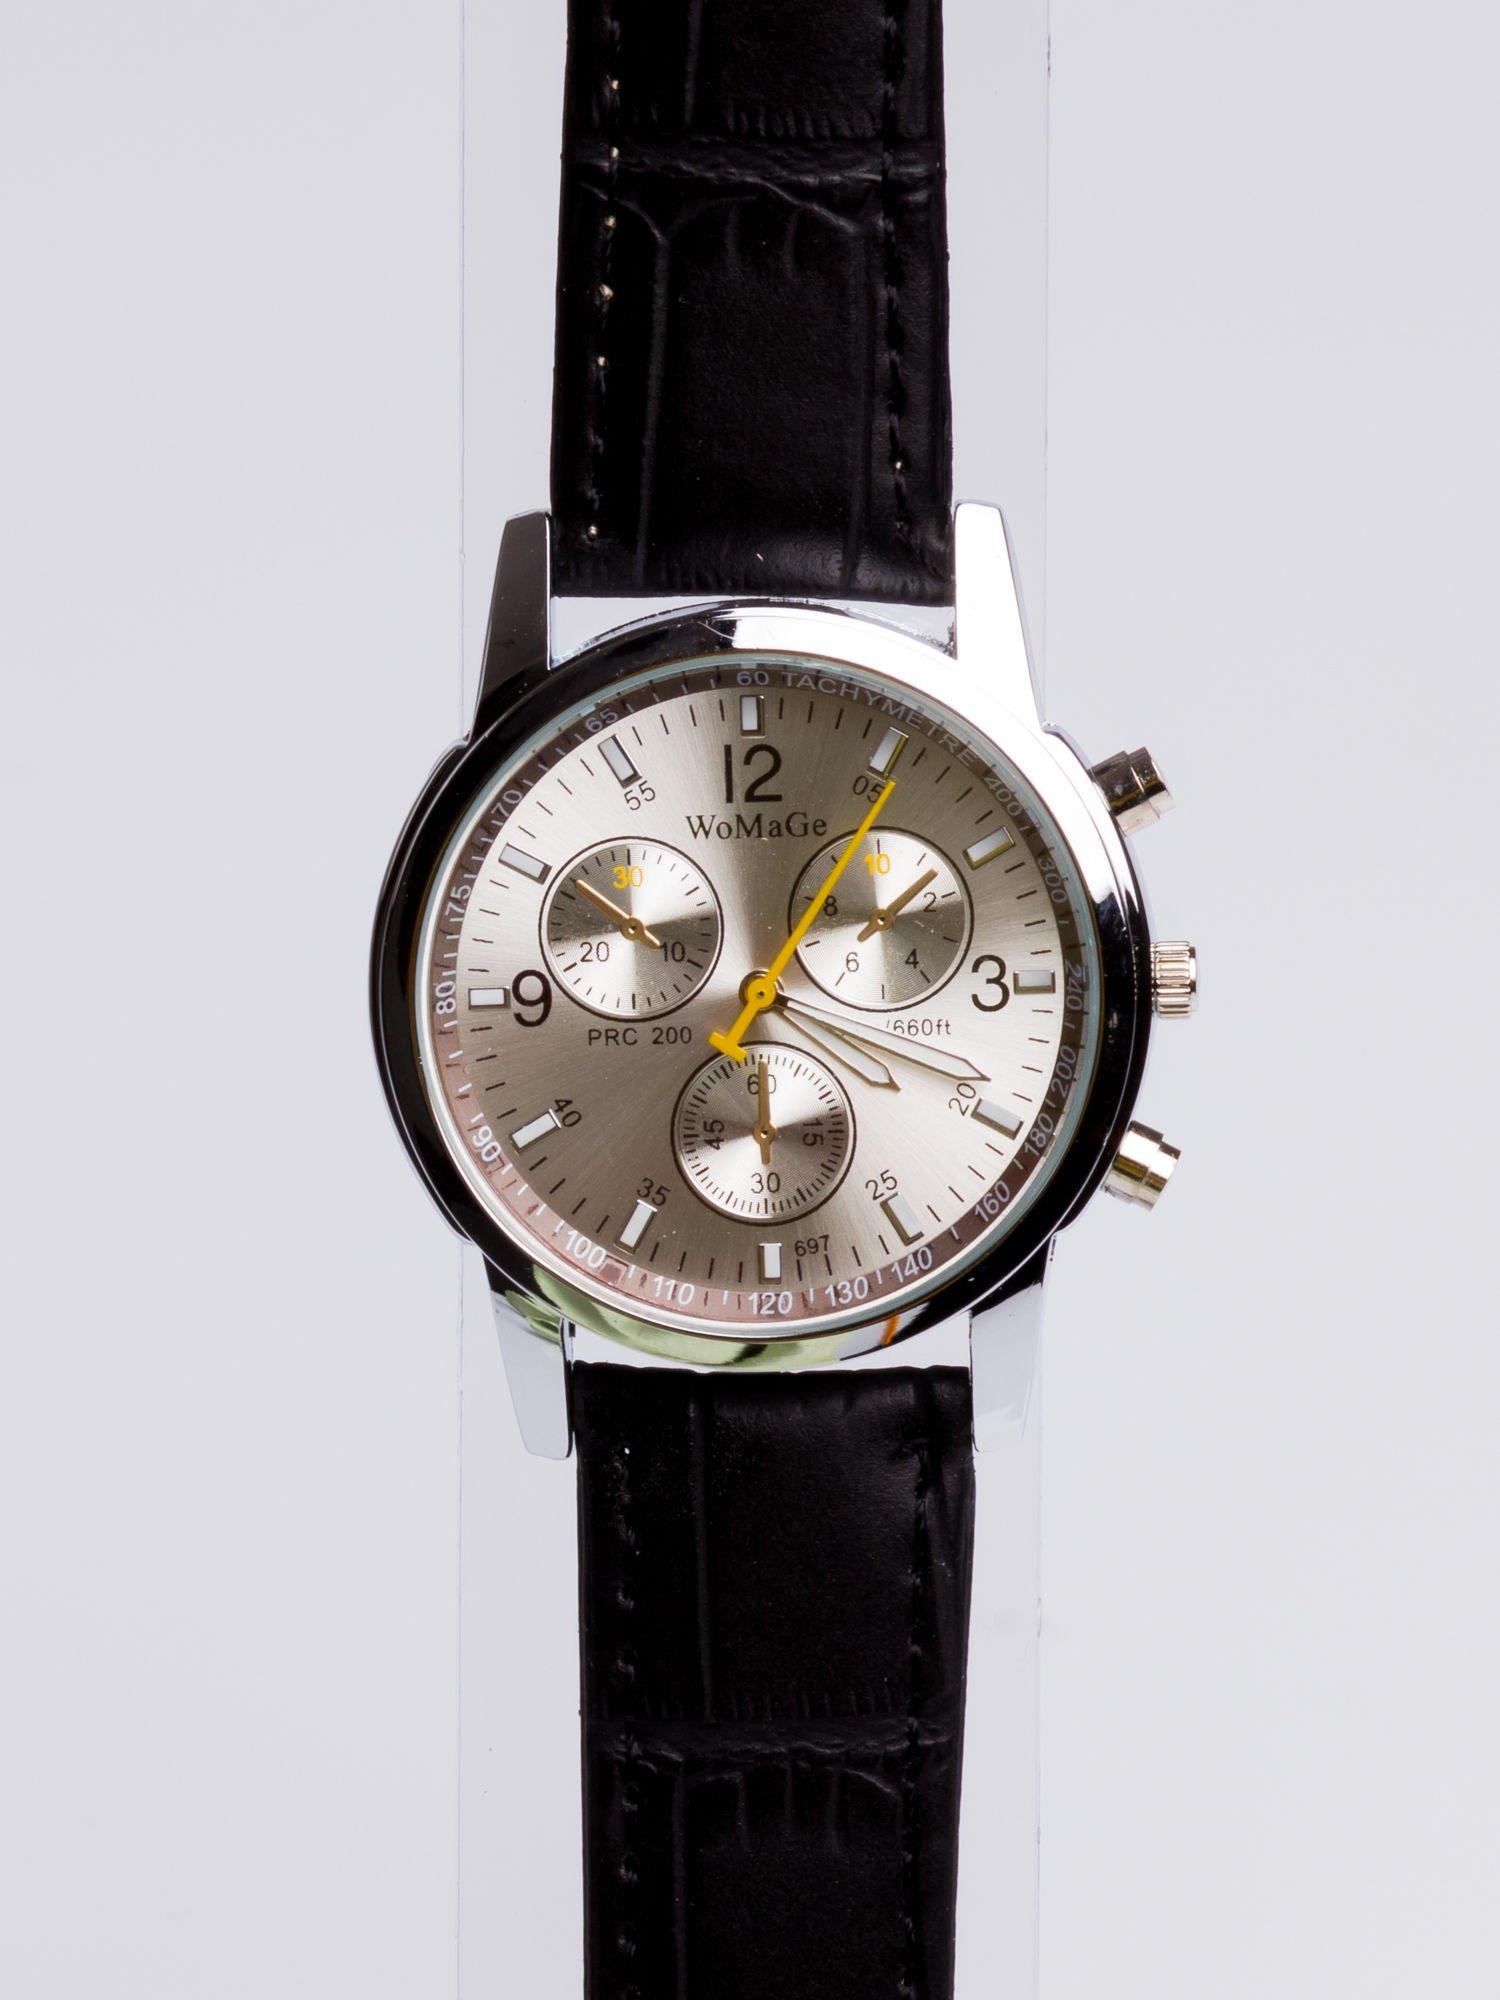 155f2737c4e3 Cudny srebrny zegarek damski z ozdobnym tachometrem - Akcesoria ...